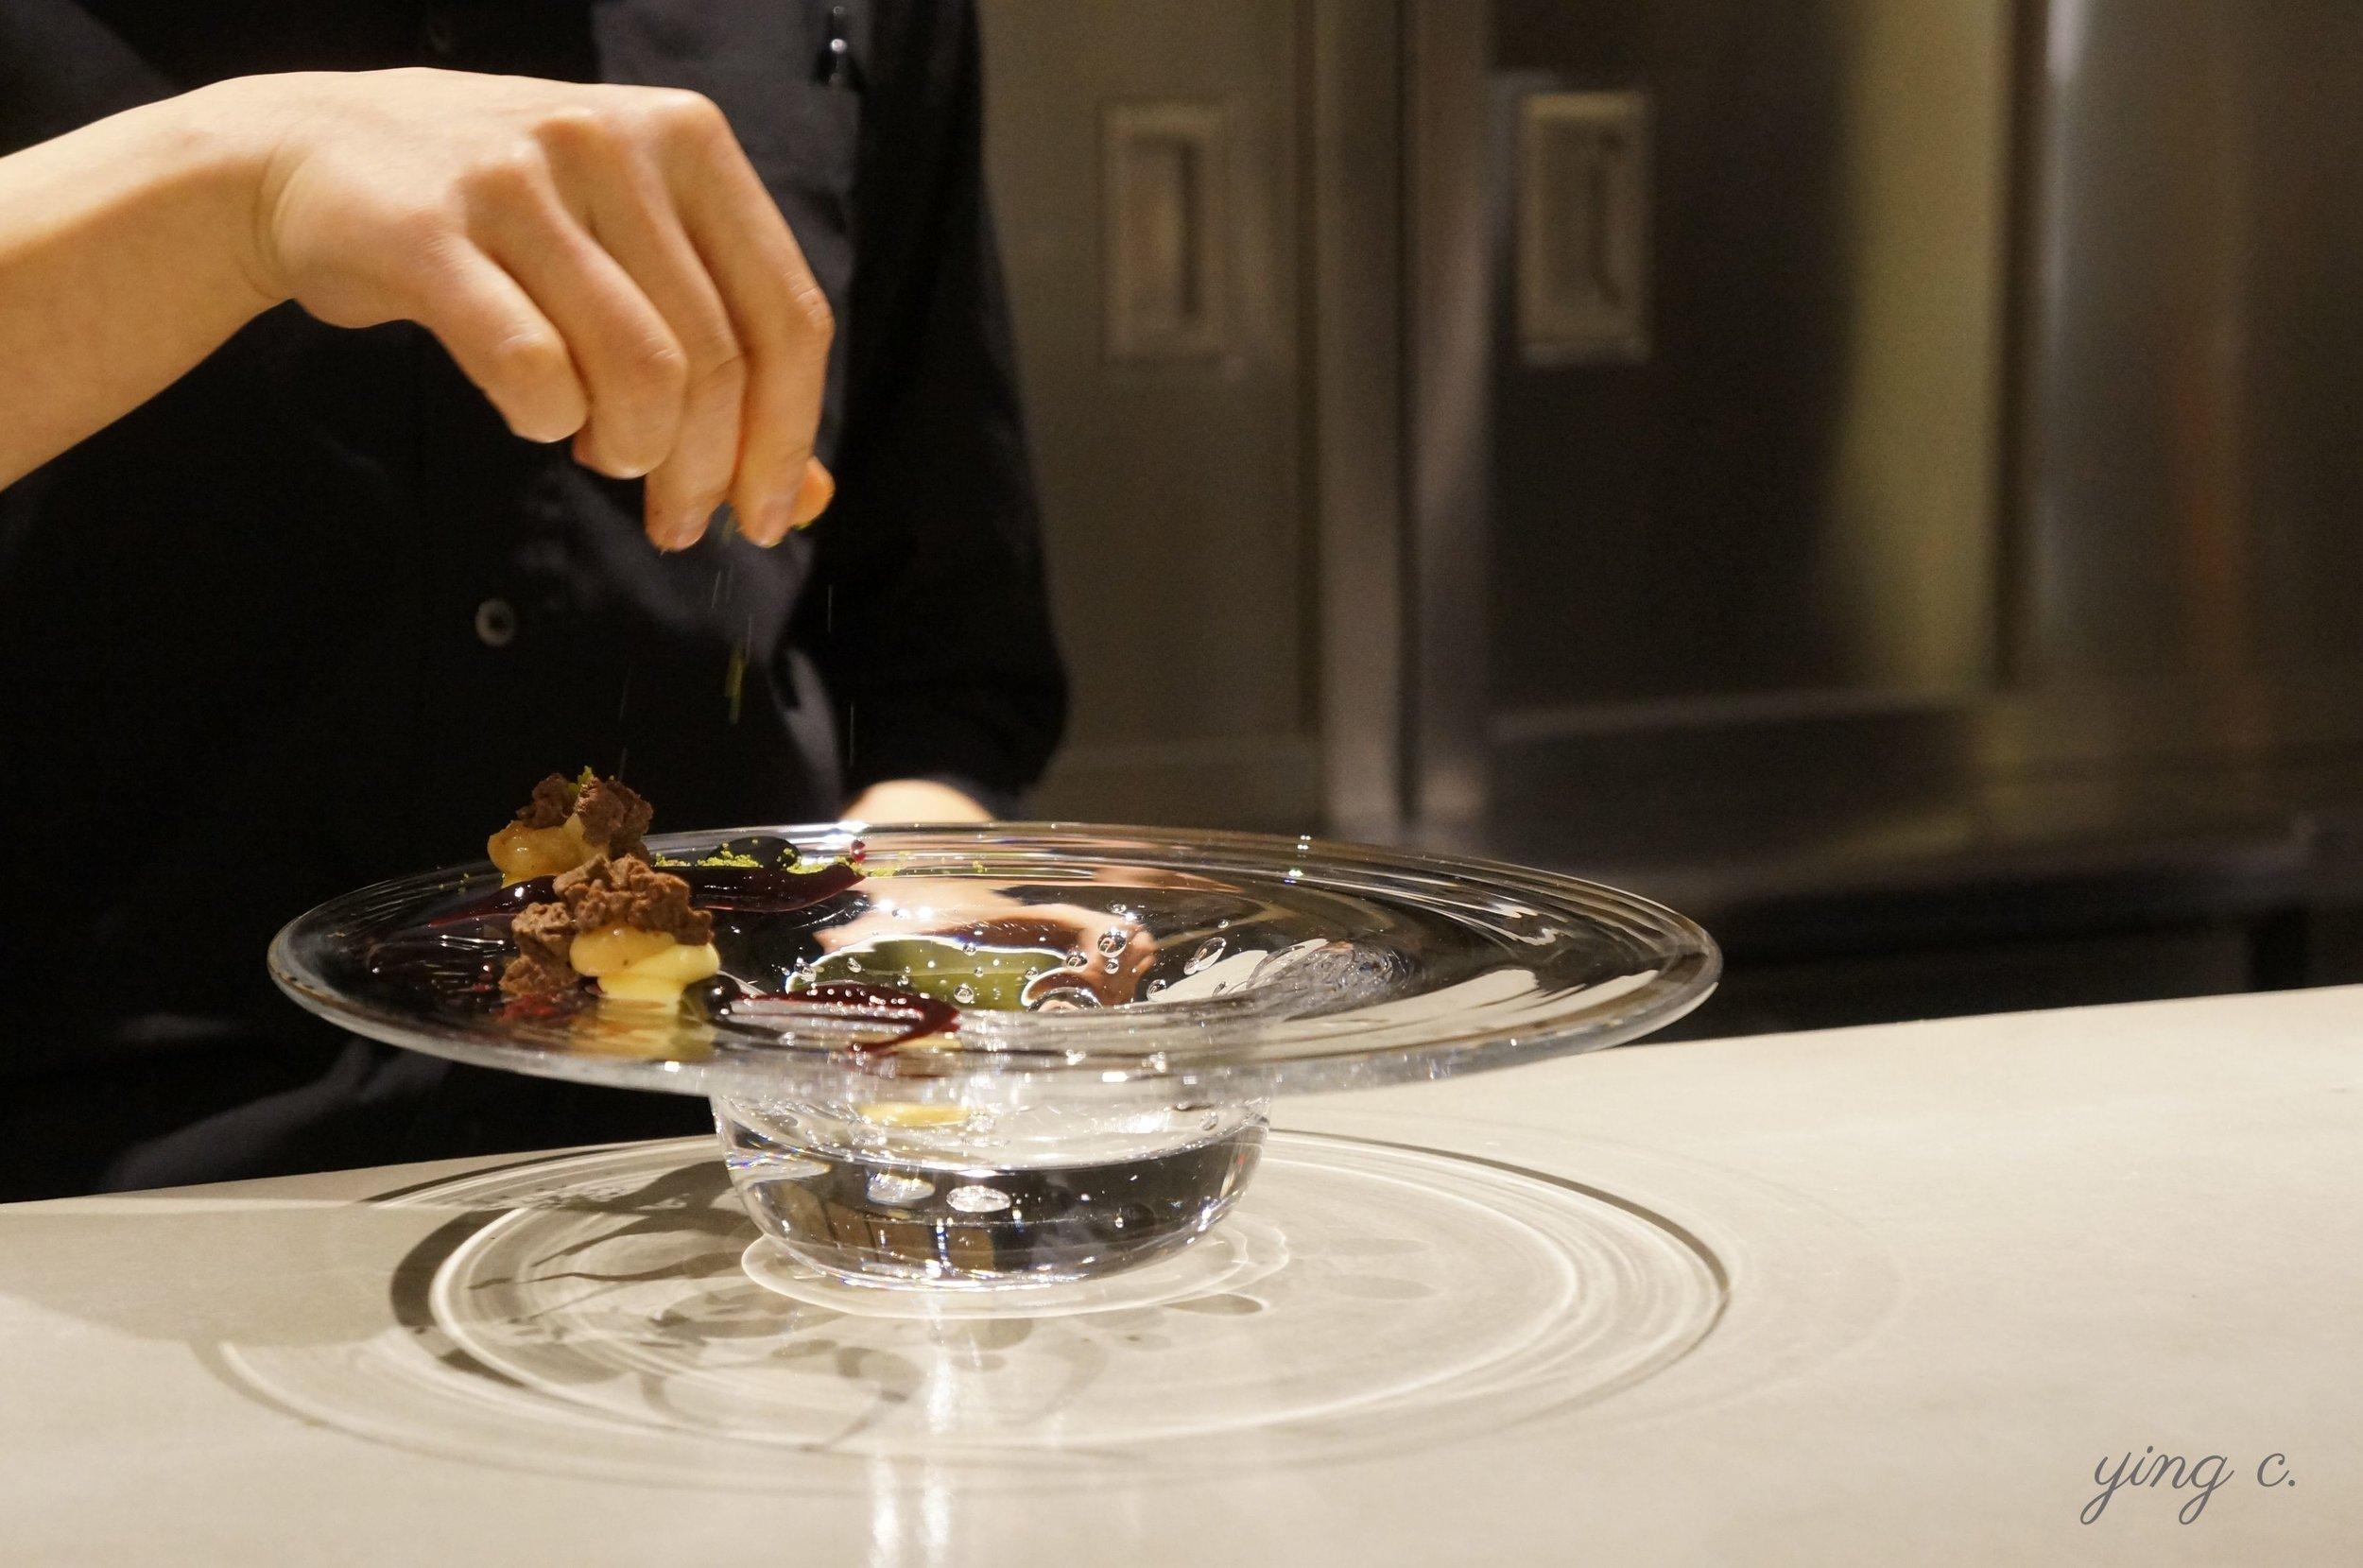 圖2. 東京  ESqUISSE CINq  甜點店內,甜點師將盤子作為畫布,為客人準備甜點。(攝影:Ying C.)